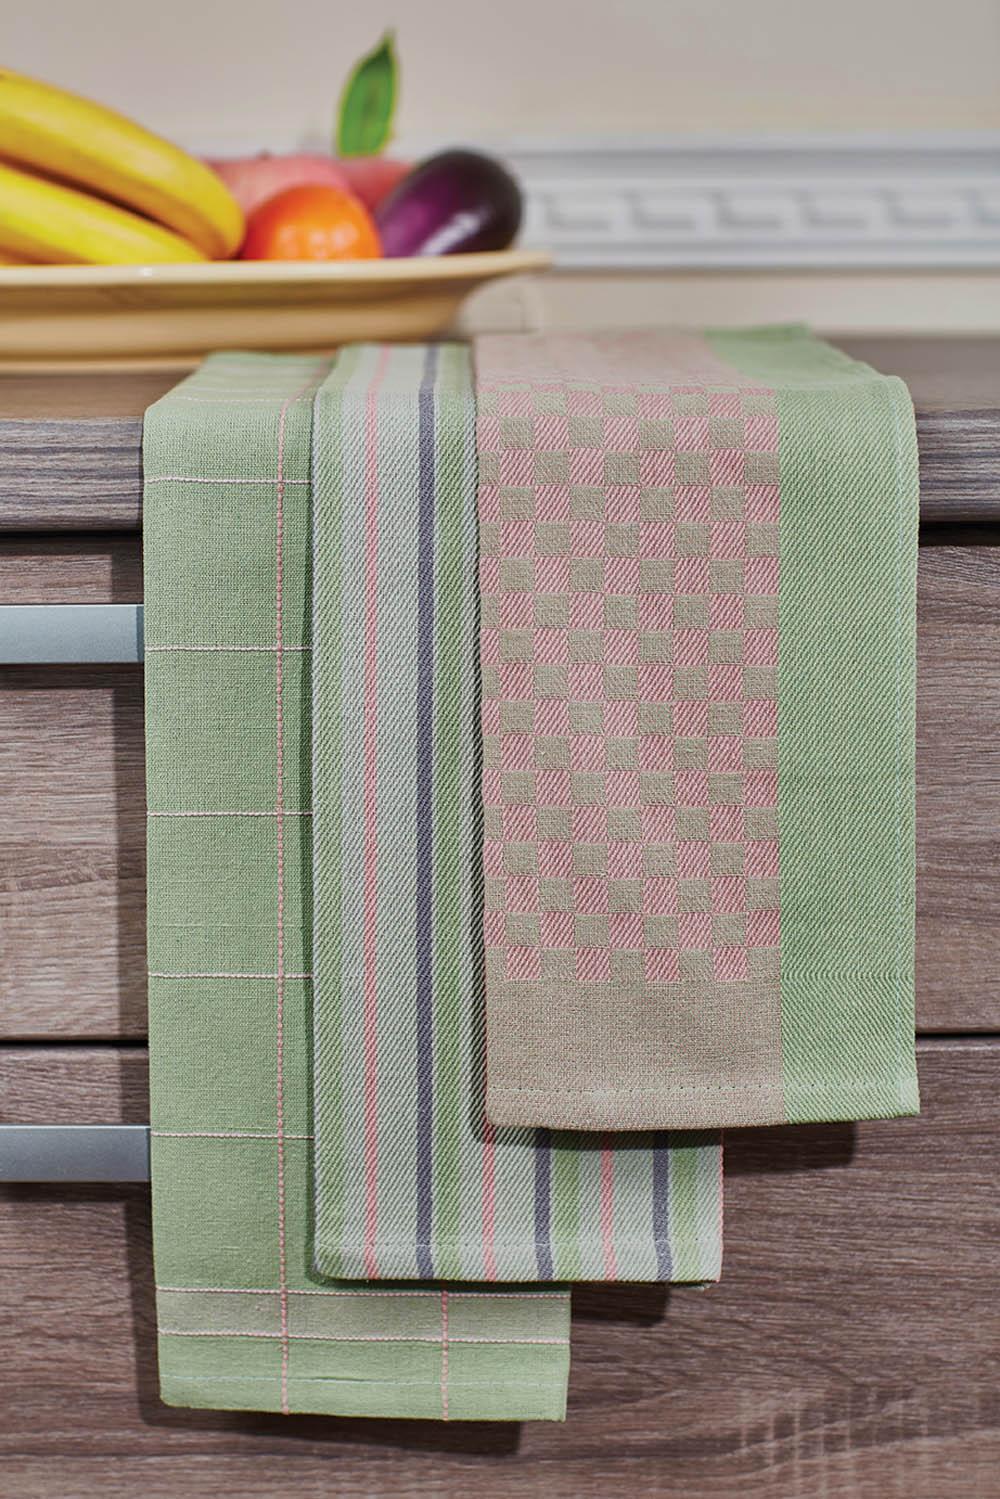 Полотенца Primavelle Кухонное полотенце Jaycee Цвет: Зеленый (40х60 см - 3 шт) primavelle кухонное полотенце floressa цвет фиолетовый 40х60 см 2 шт